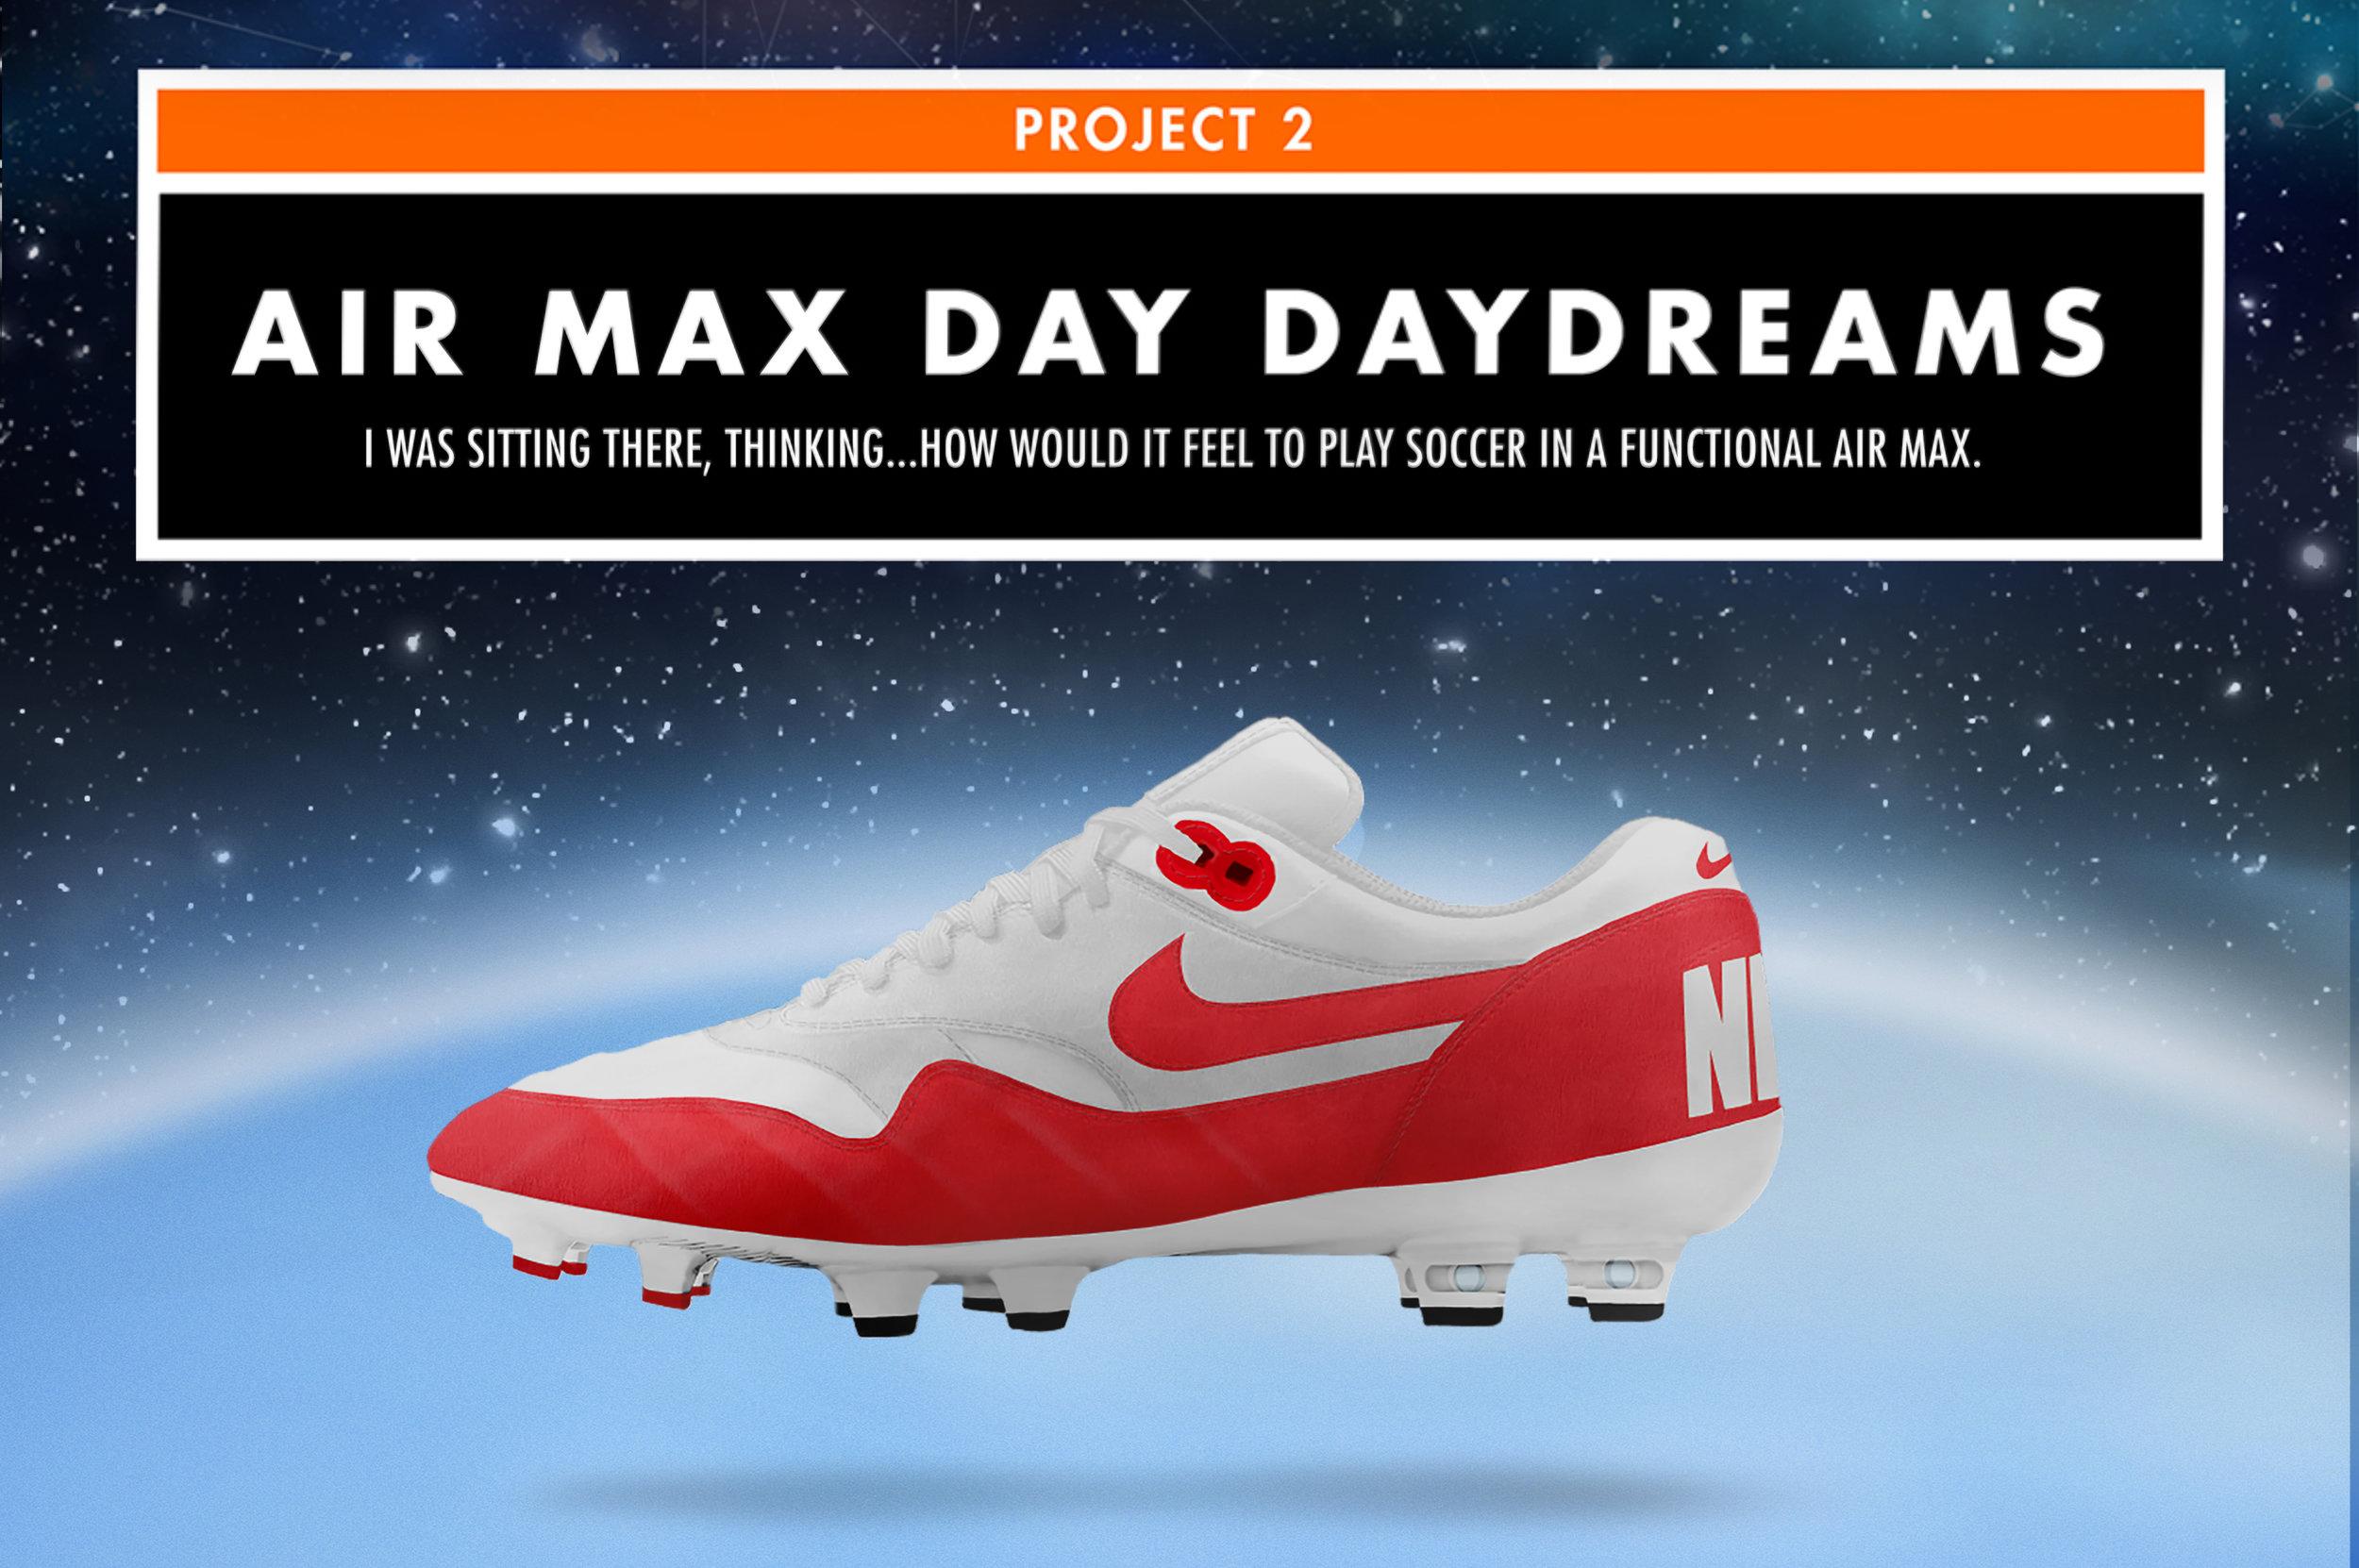 002-01-Nike_Timeline-My_Nike_Pieces-PROGRESS-TMAX-New.jpg